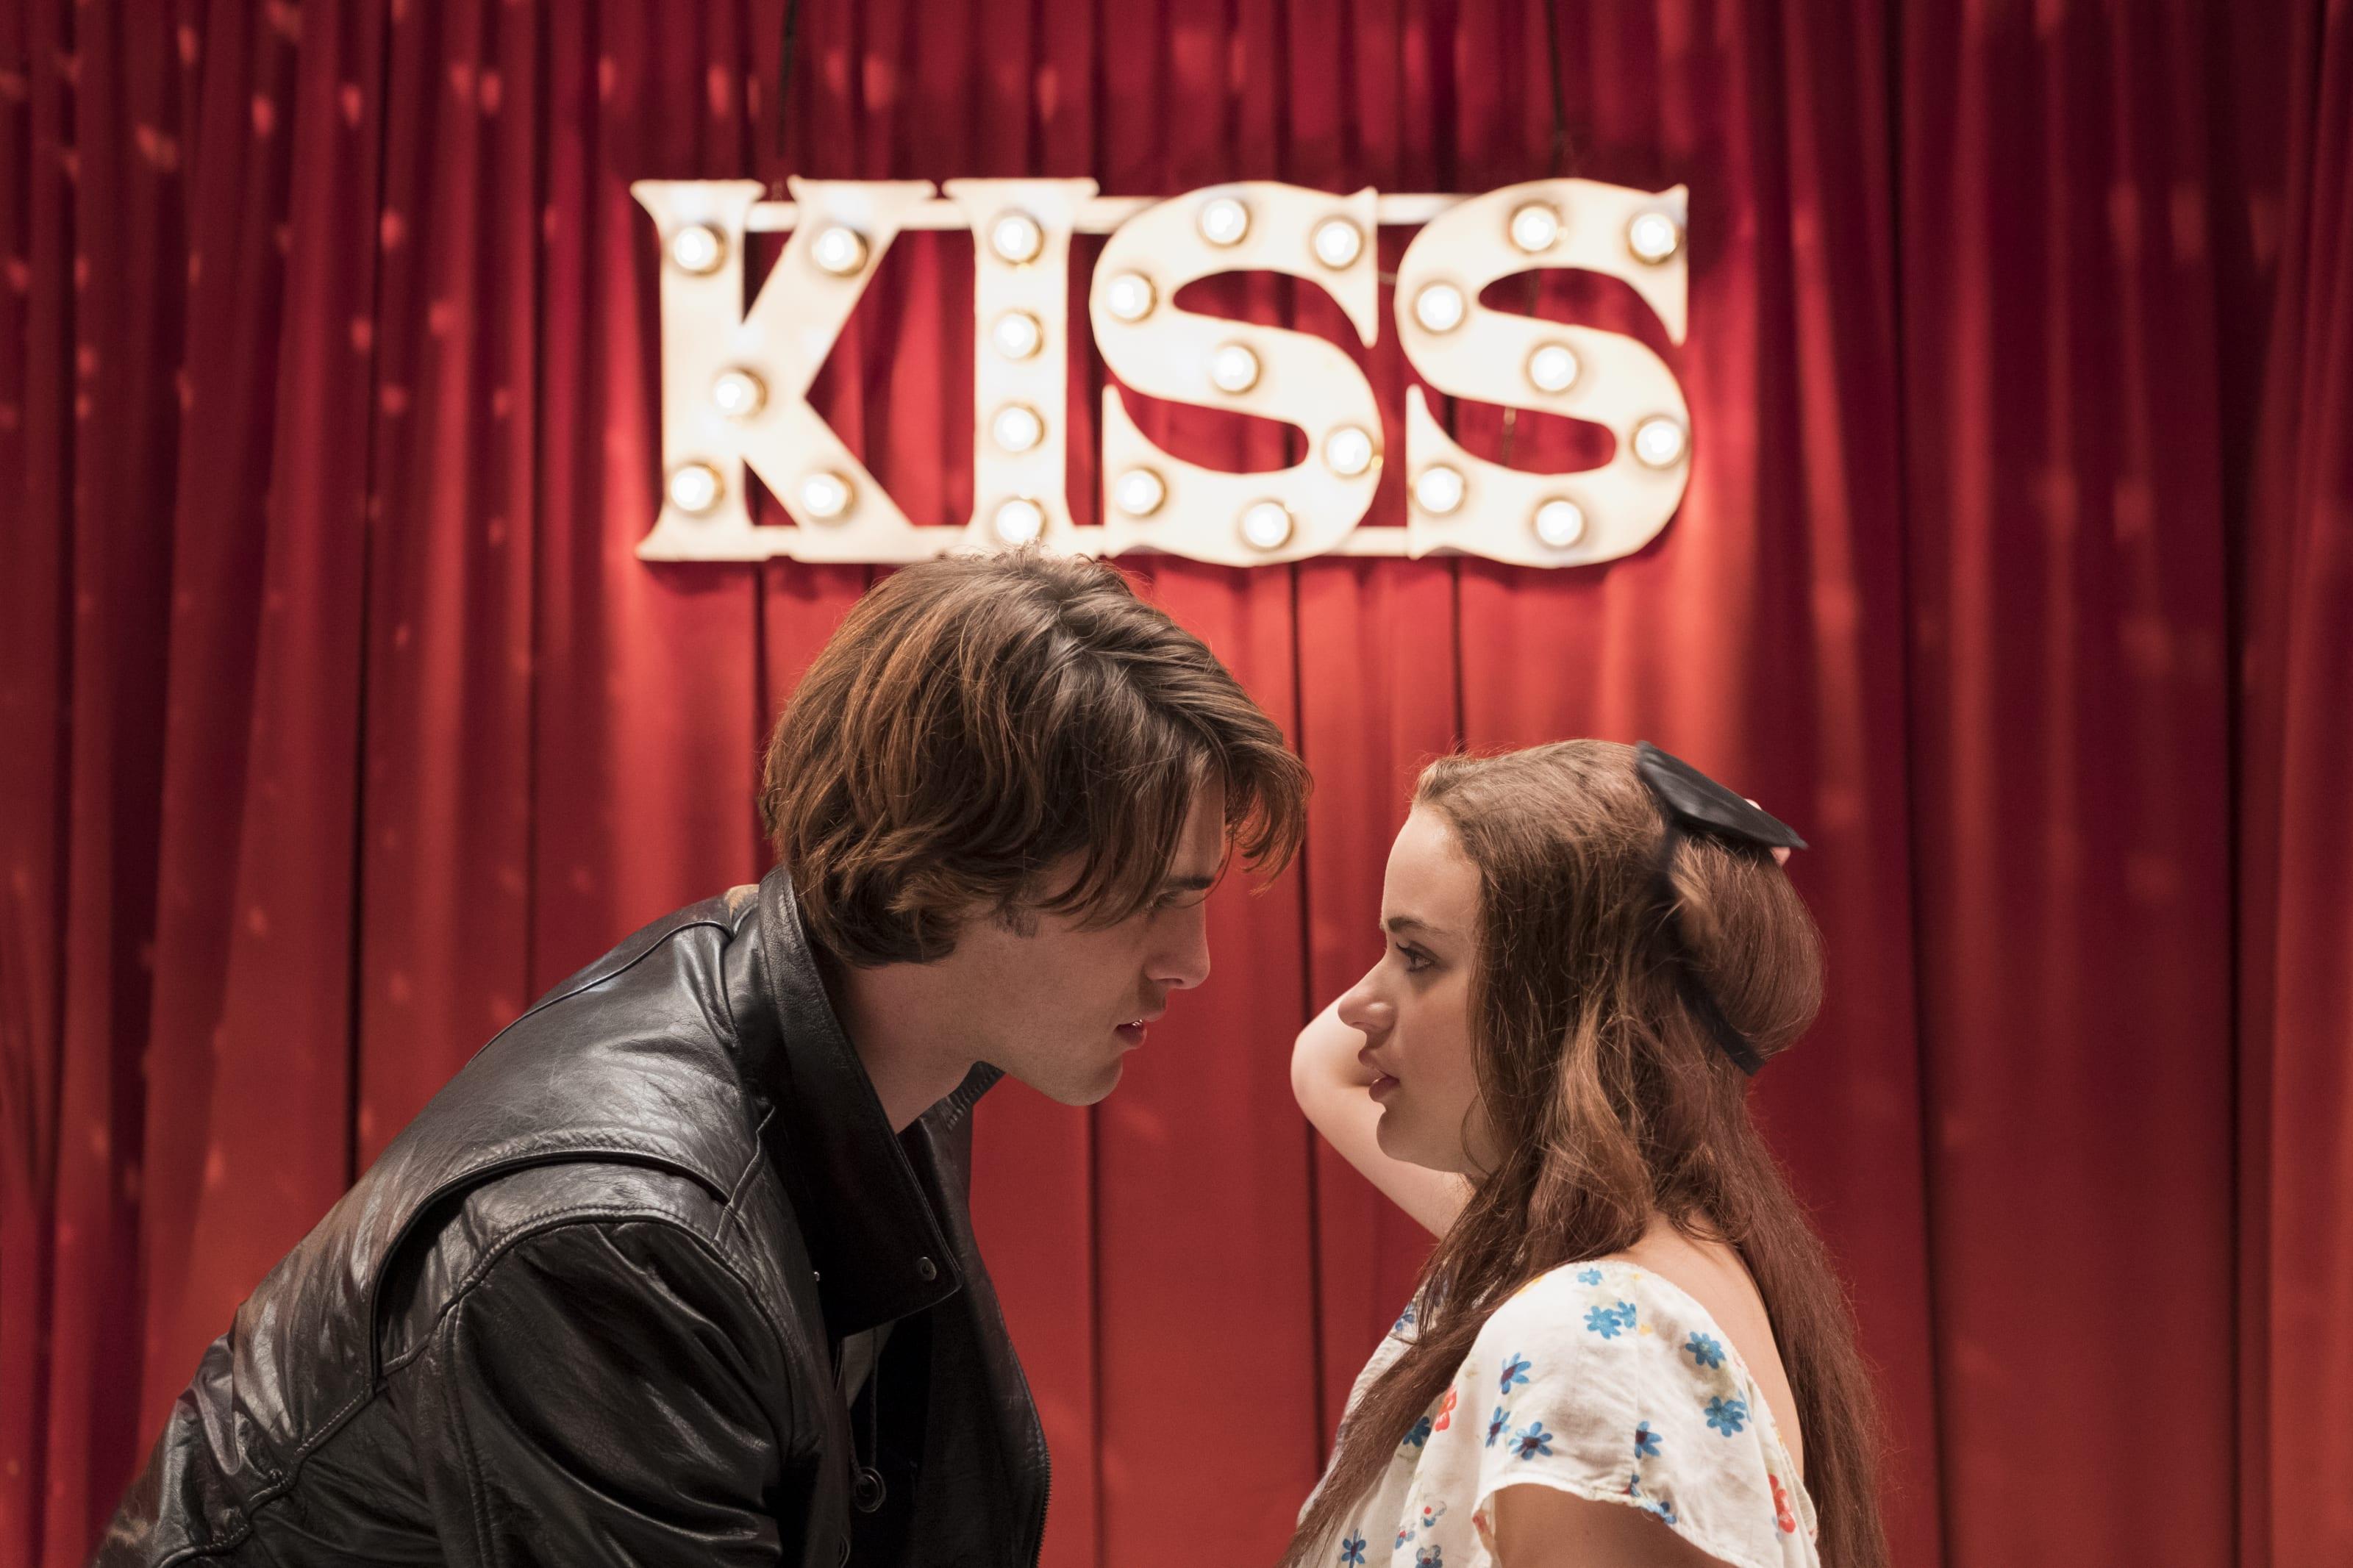 The Kissing Booth 2 - Películas de Netflix - Películas románticas de Netflix